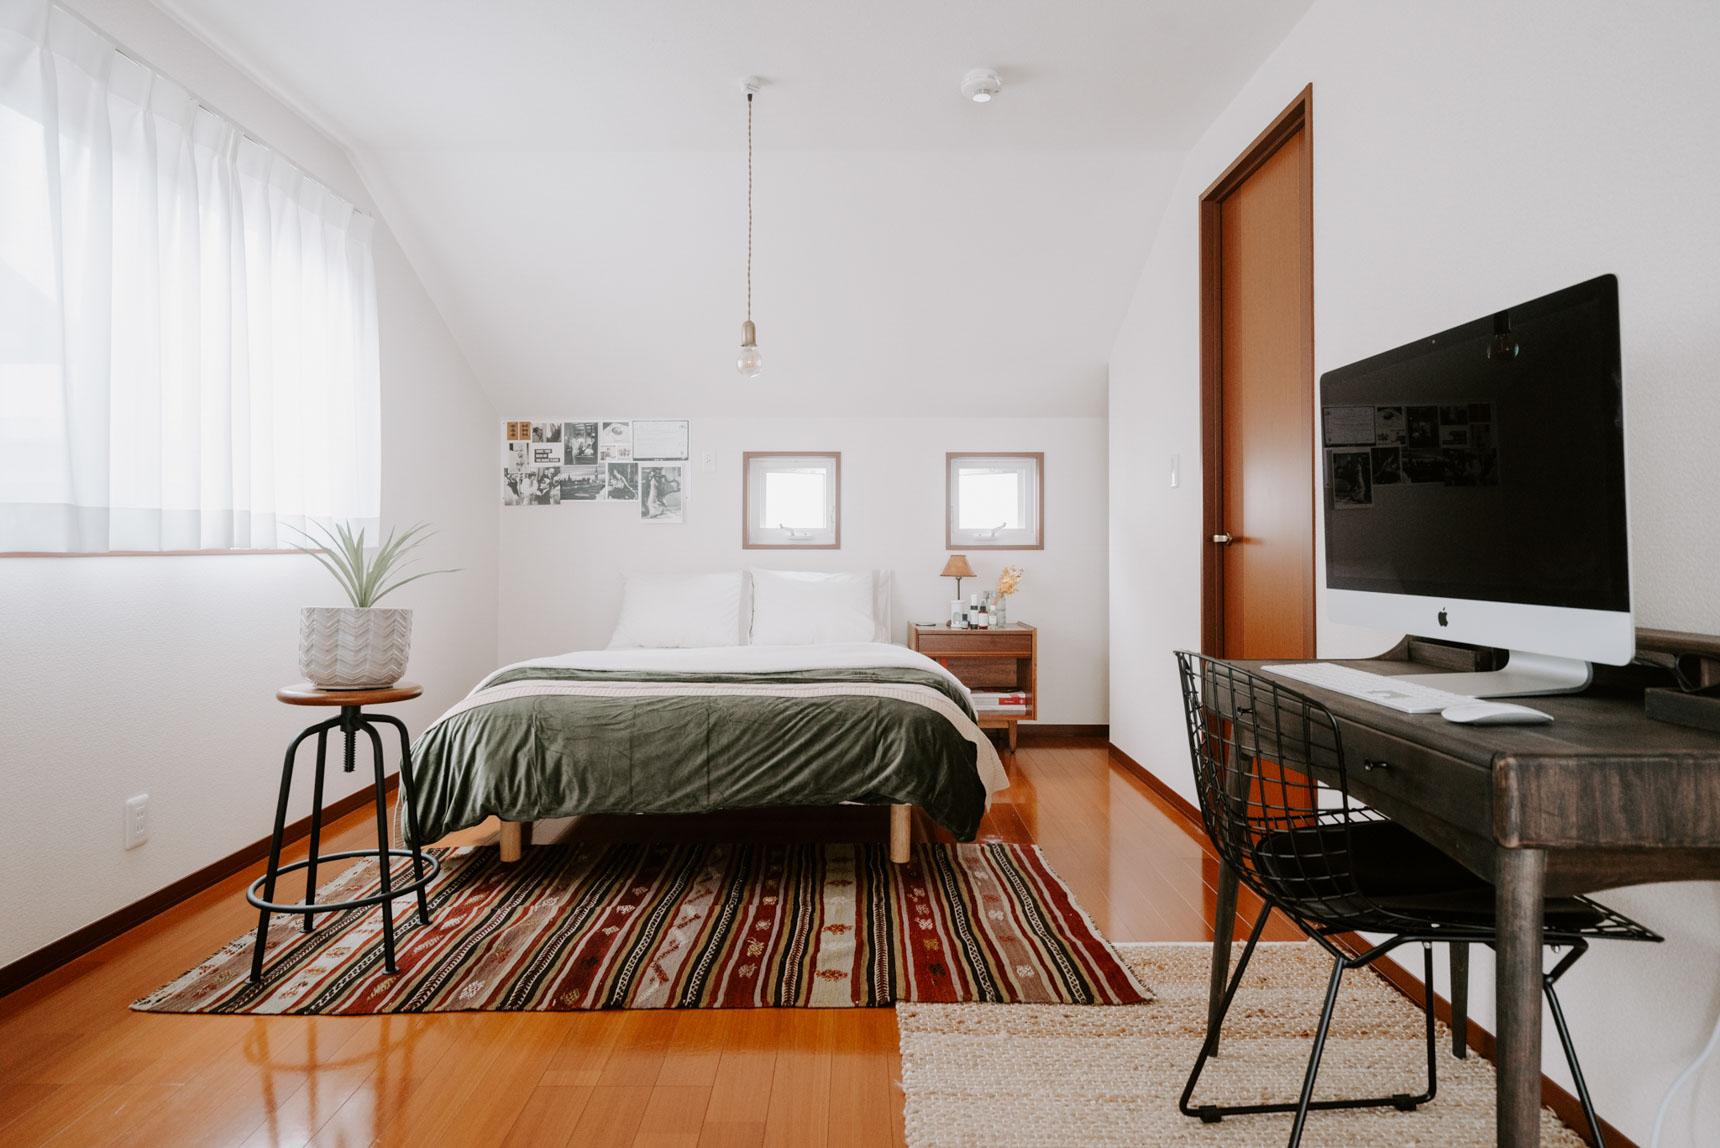 寝室にも余計なものは極力置かず、ベッド・ワークデスクに厳選。7畳というベッドルームですが、もっと広く感じられますね。